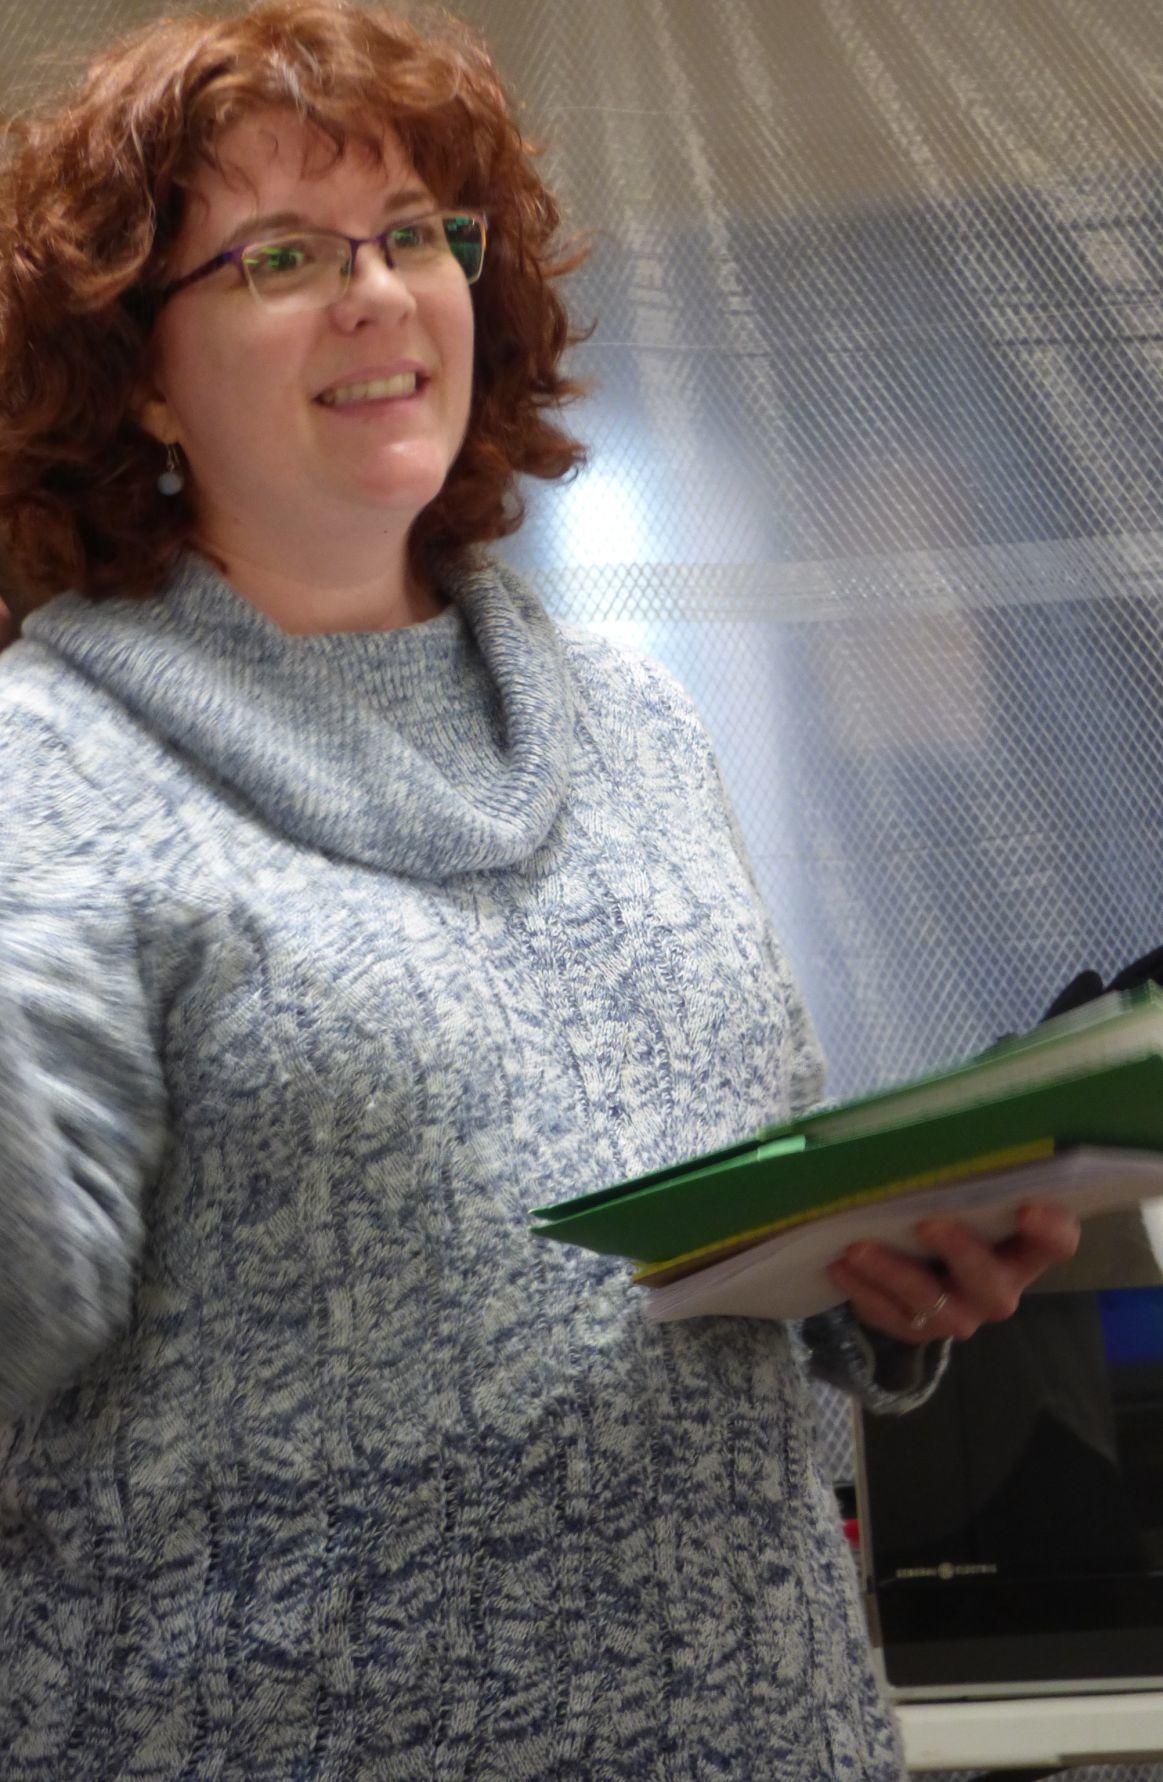 Katy Hiltner